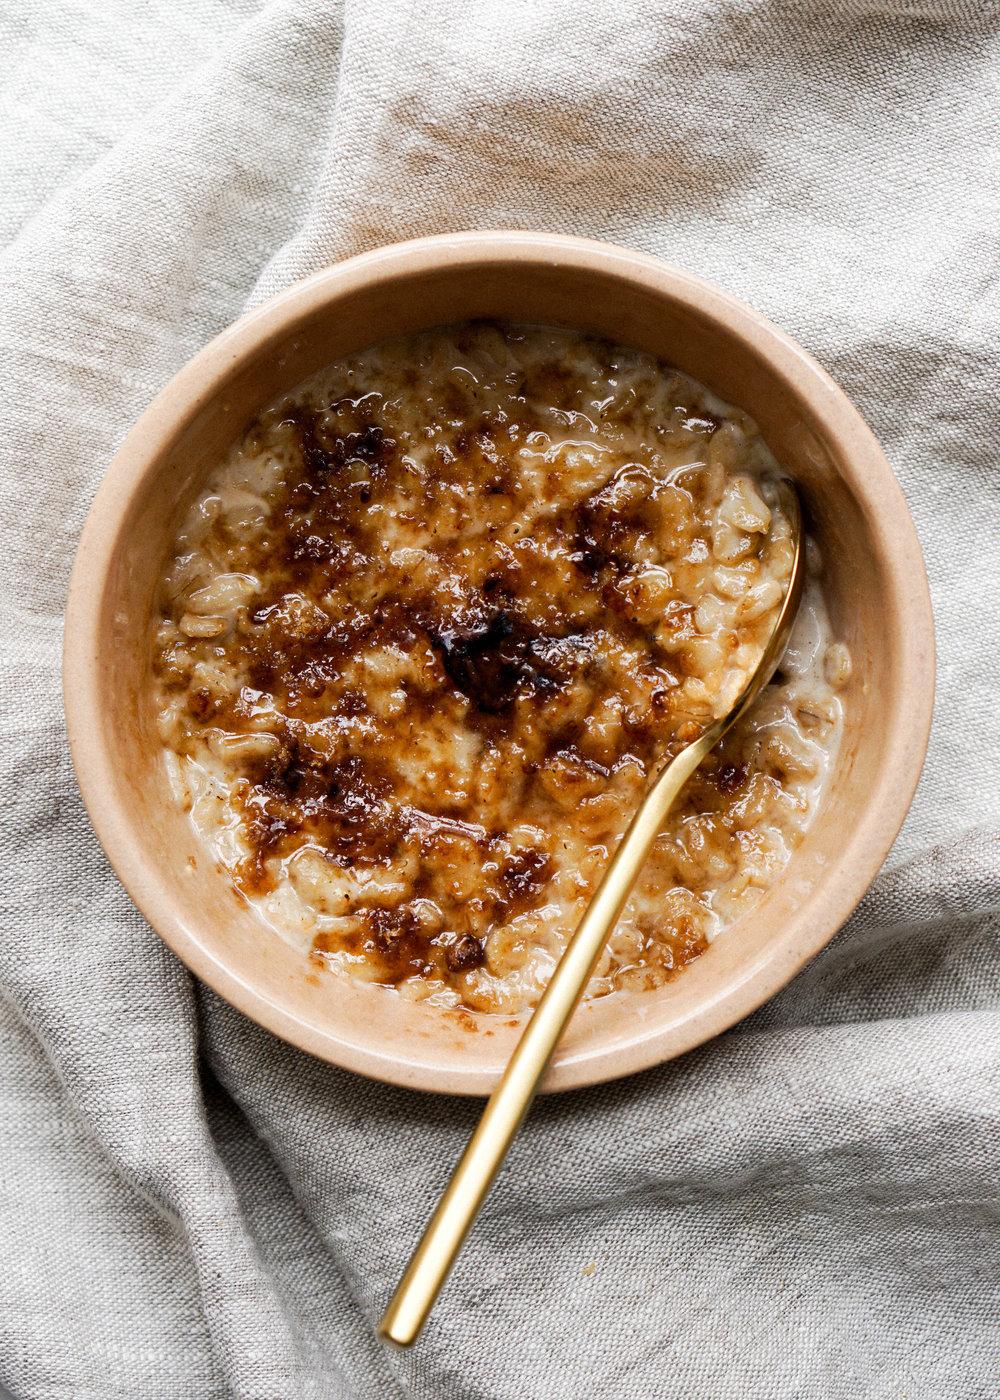 Bruleed Brown Sugar Oatmeal